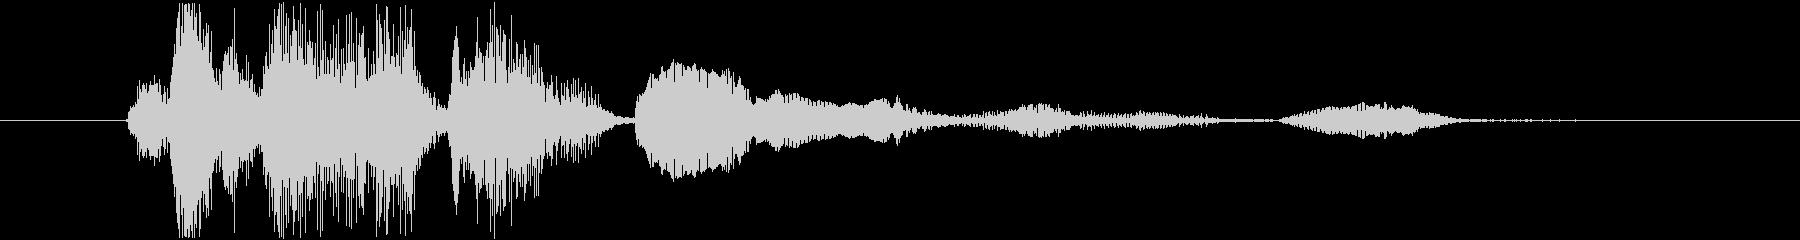 赤ちゃんの笑い声1の未再生の波形